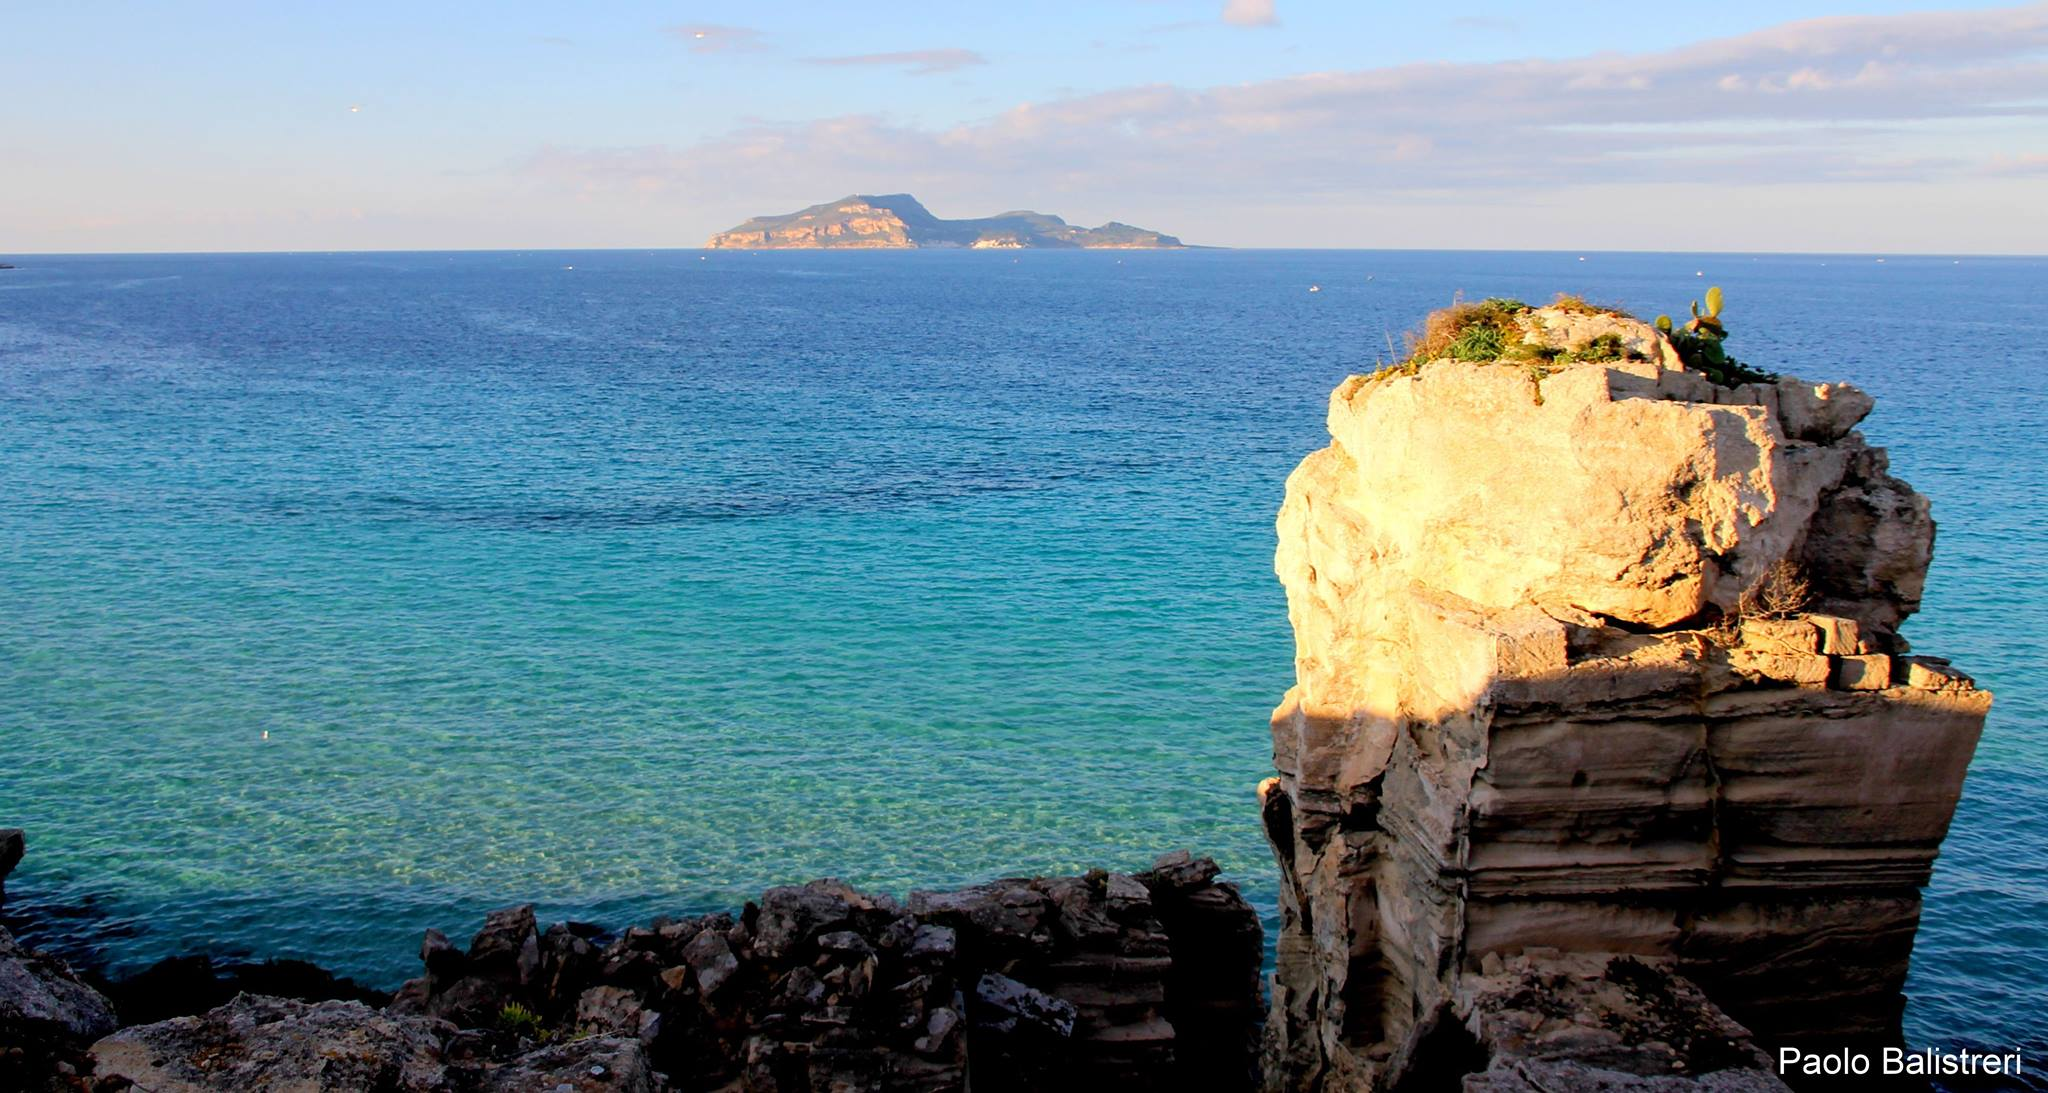 Spot. La biodiversità dei fondali dell'Isola di Favignana raccontata da Paolo Balistreri